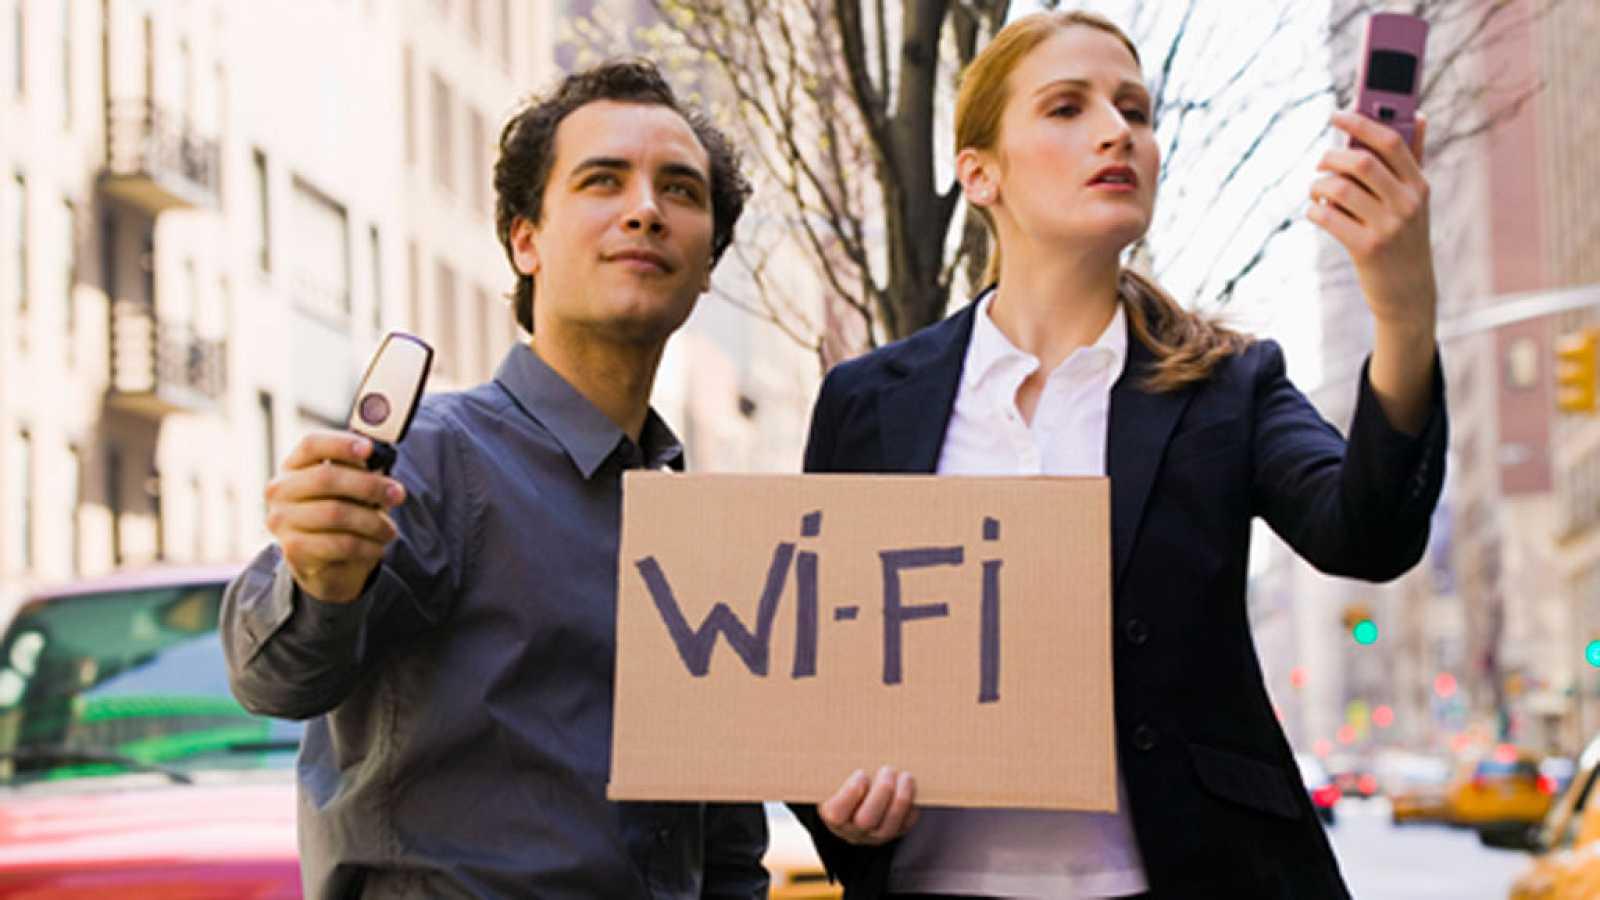 Encuentran un grave fallo de seguridad en las redes wifi